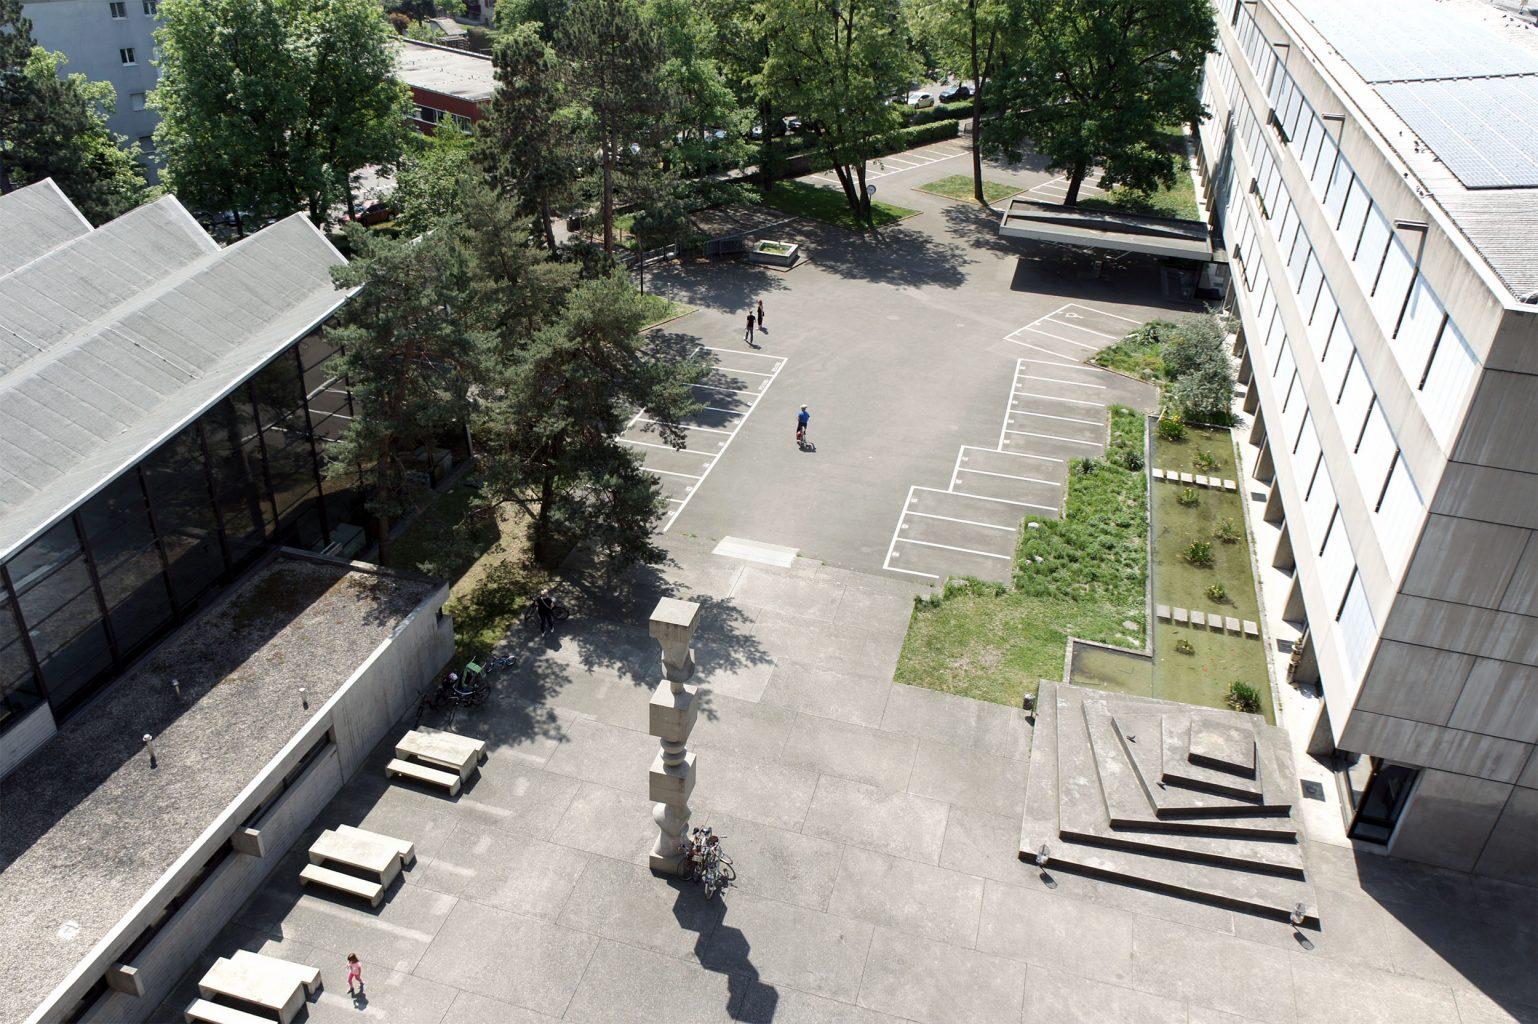 Blick von oben auf die Bauteilsäule von Hans Arp und die Sitzpyramide von Armin Hofmann © Architektur Basel